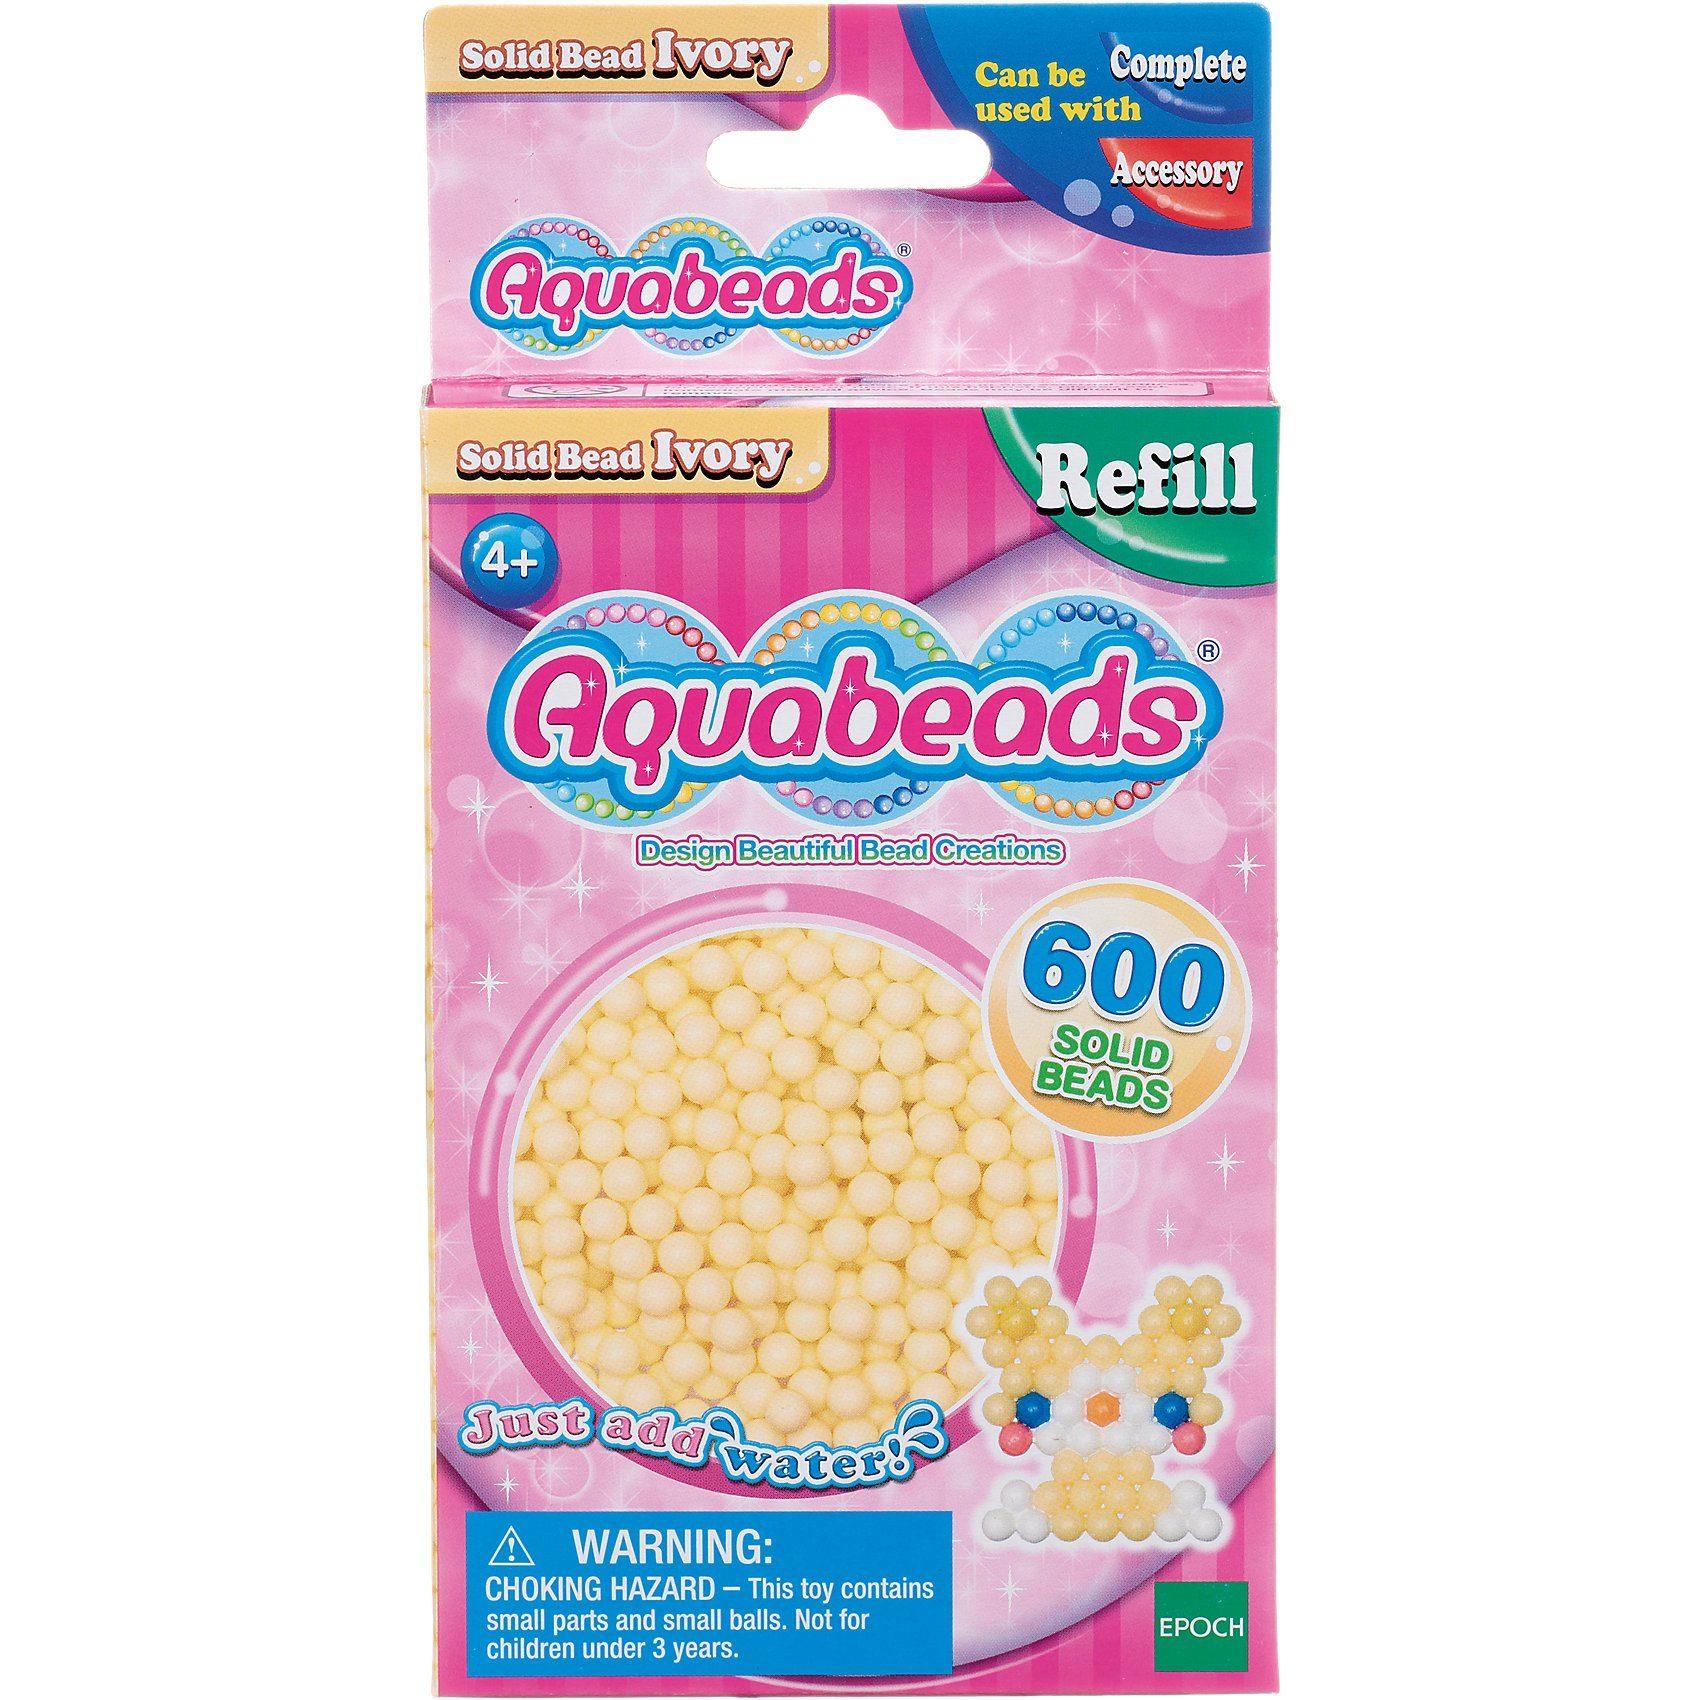 EPOCH Traumwiesen Aquabeads Nachfüllpack Hautfarbene Perlen